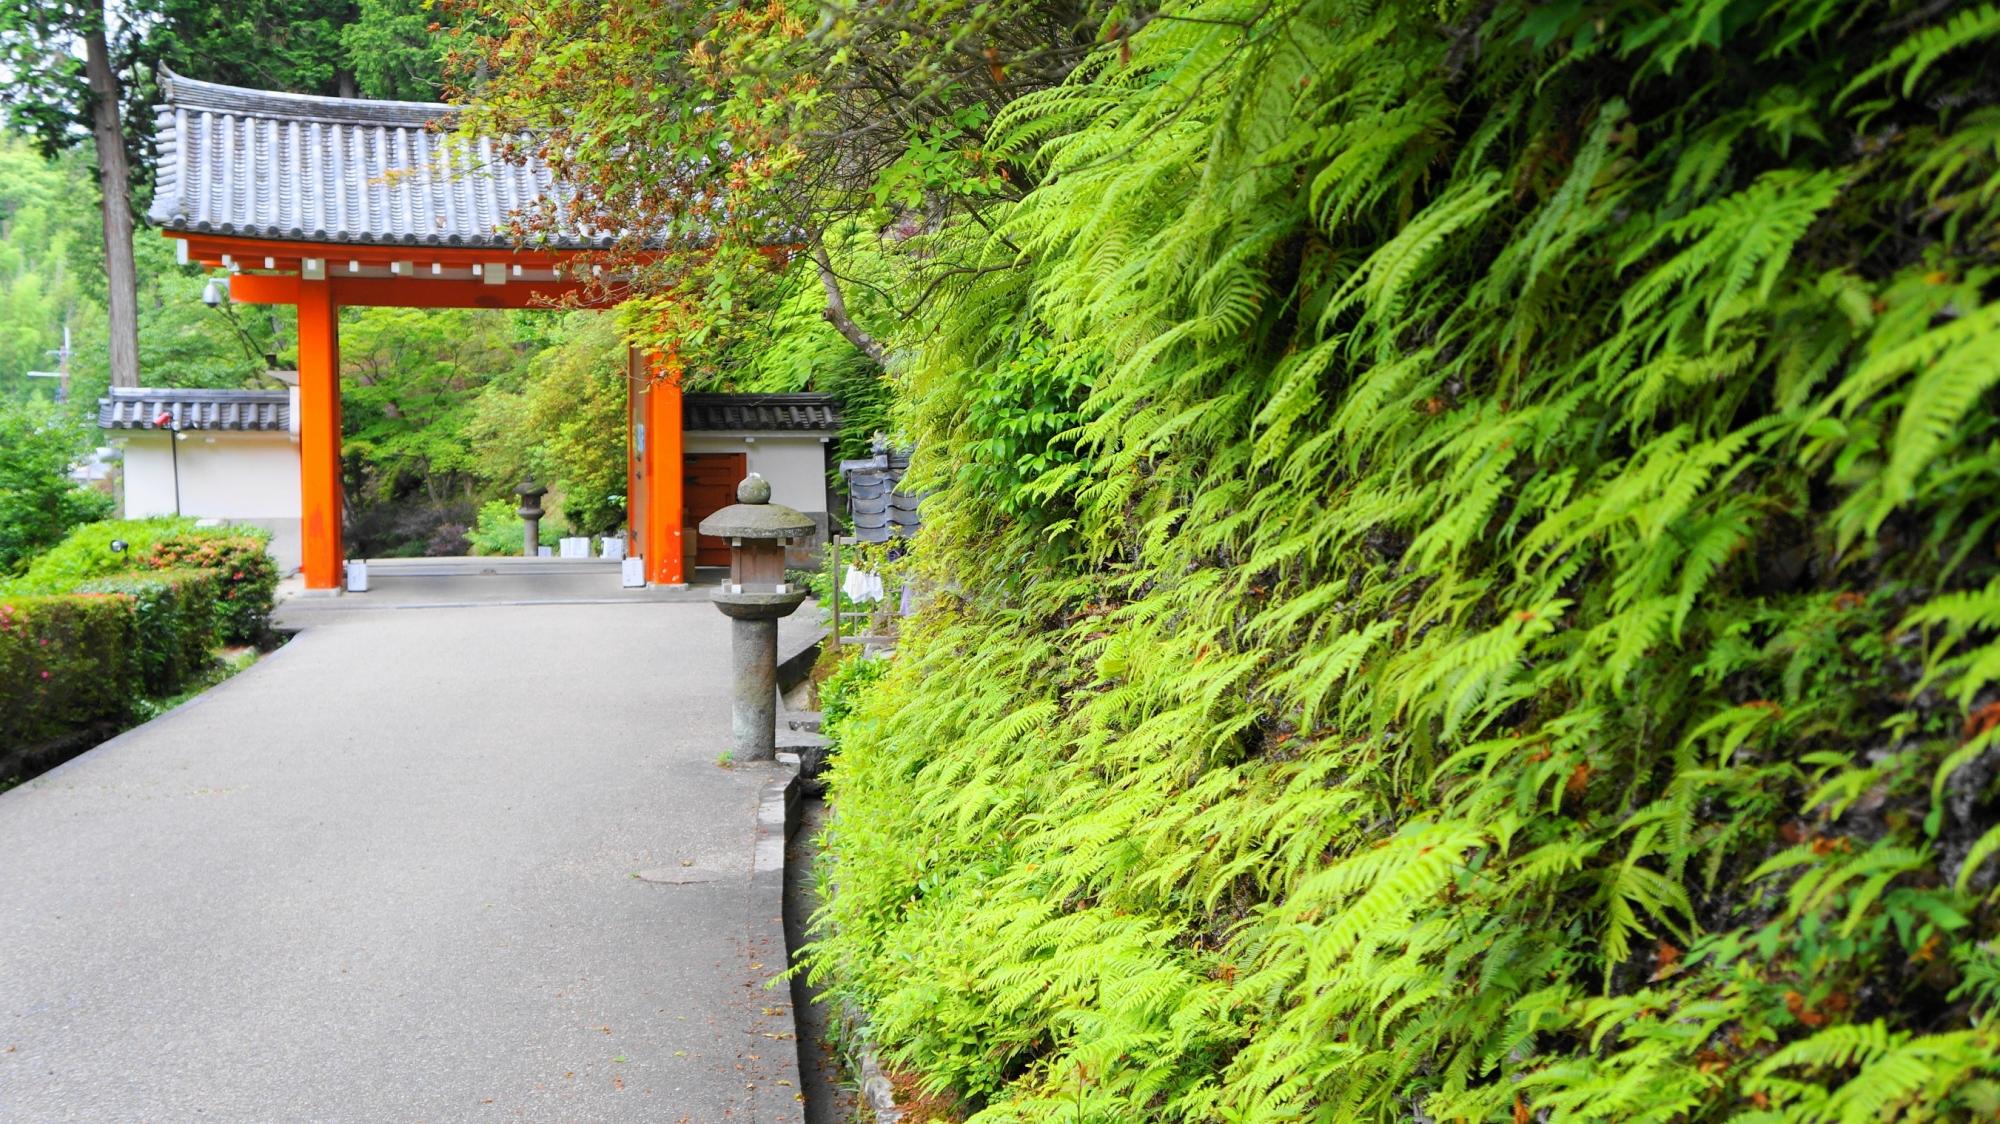 三室戸寺の境内から眺めた山門と鮮やかな緑やシダ